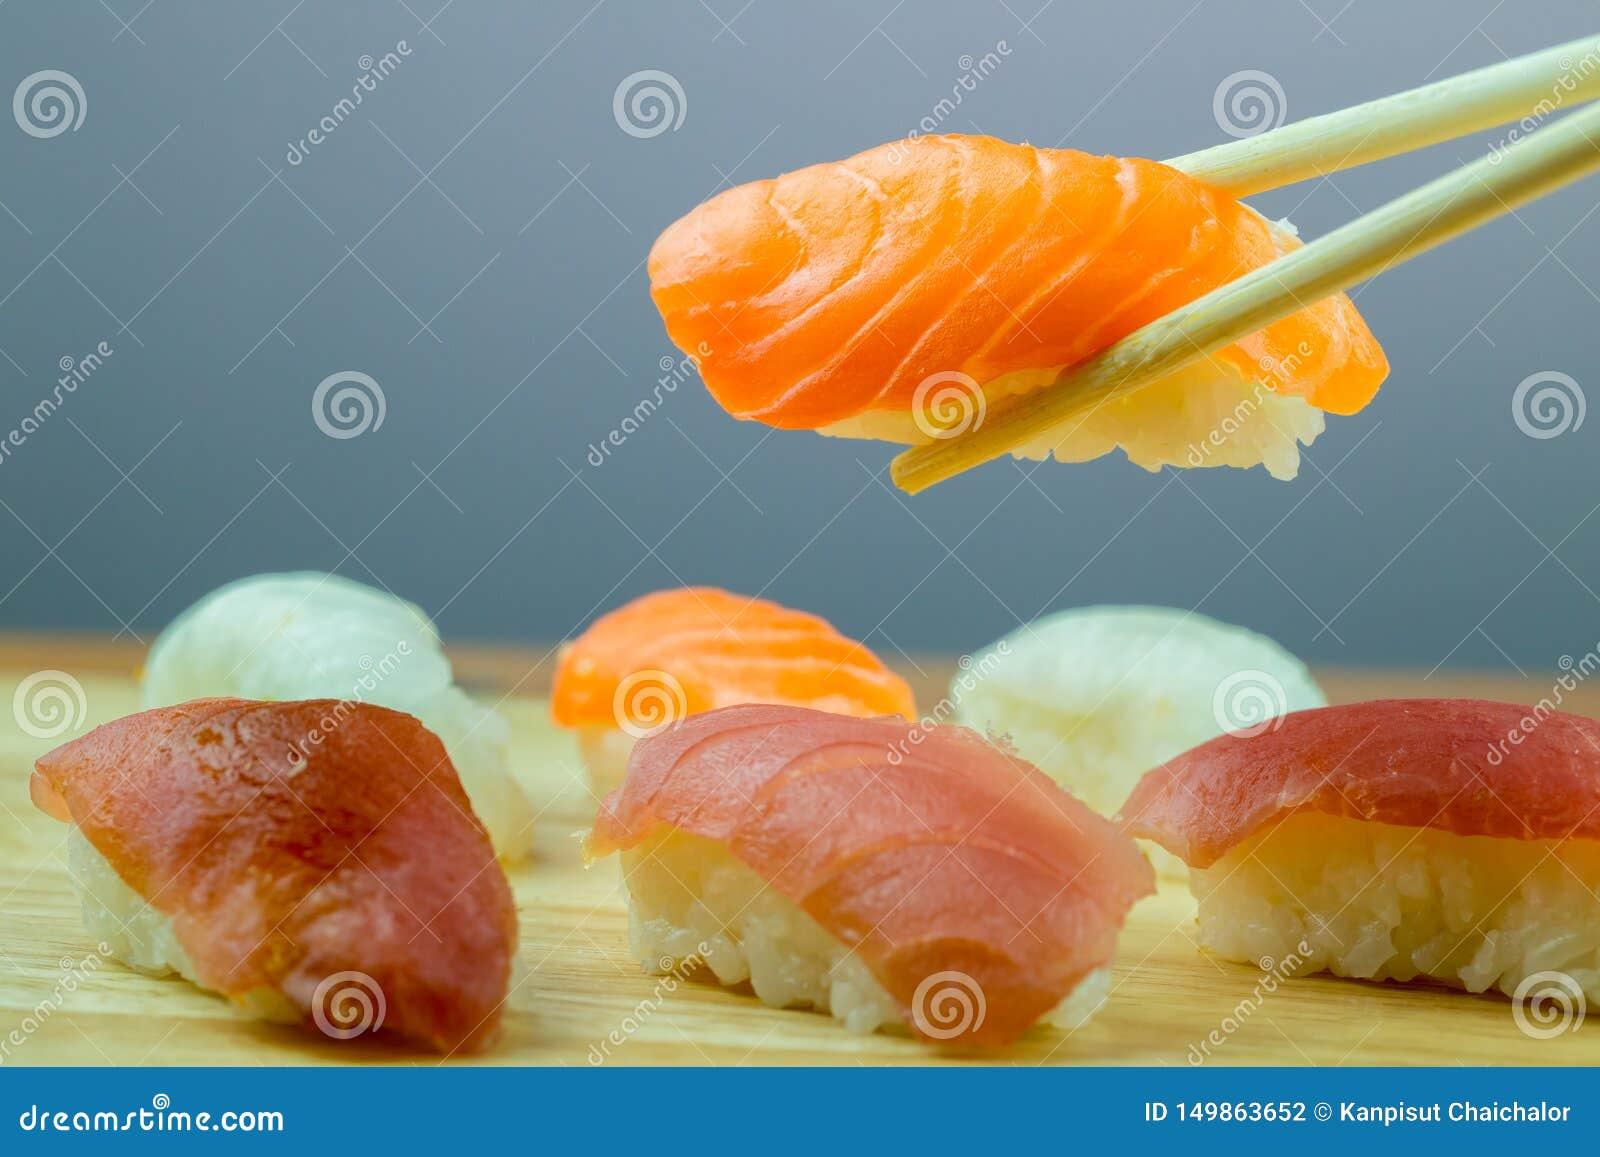 Φρέσκα σούσια σολομών, ιαπωνικό εστιατόριο τροφίμων ρόλων maki σολομών, σούσια σολομών στο πιάτο